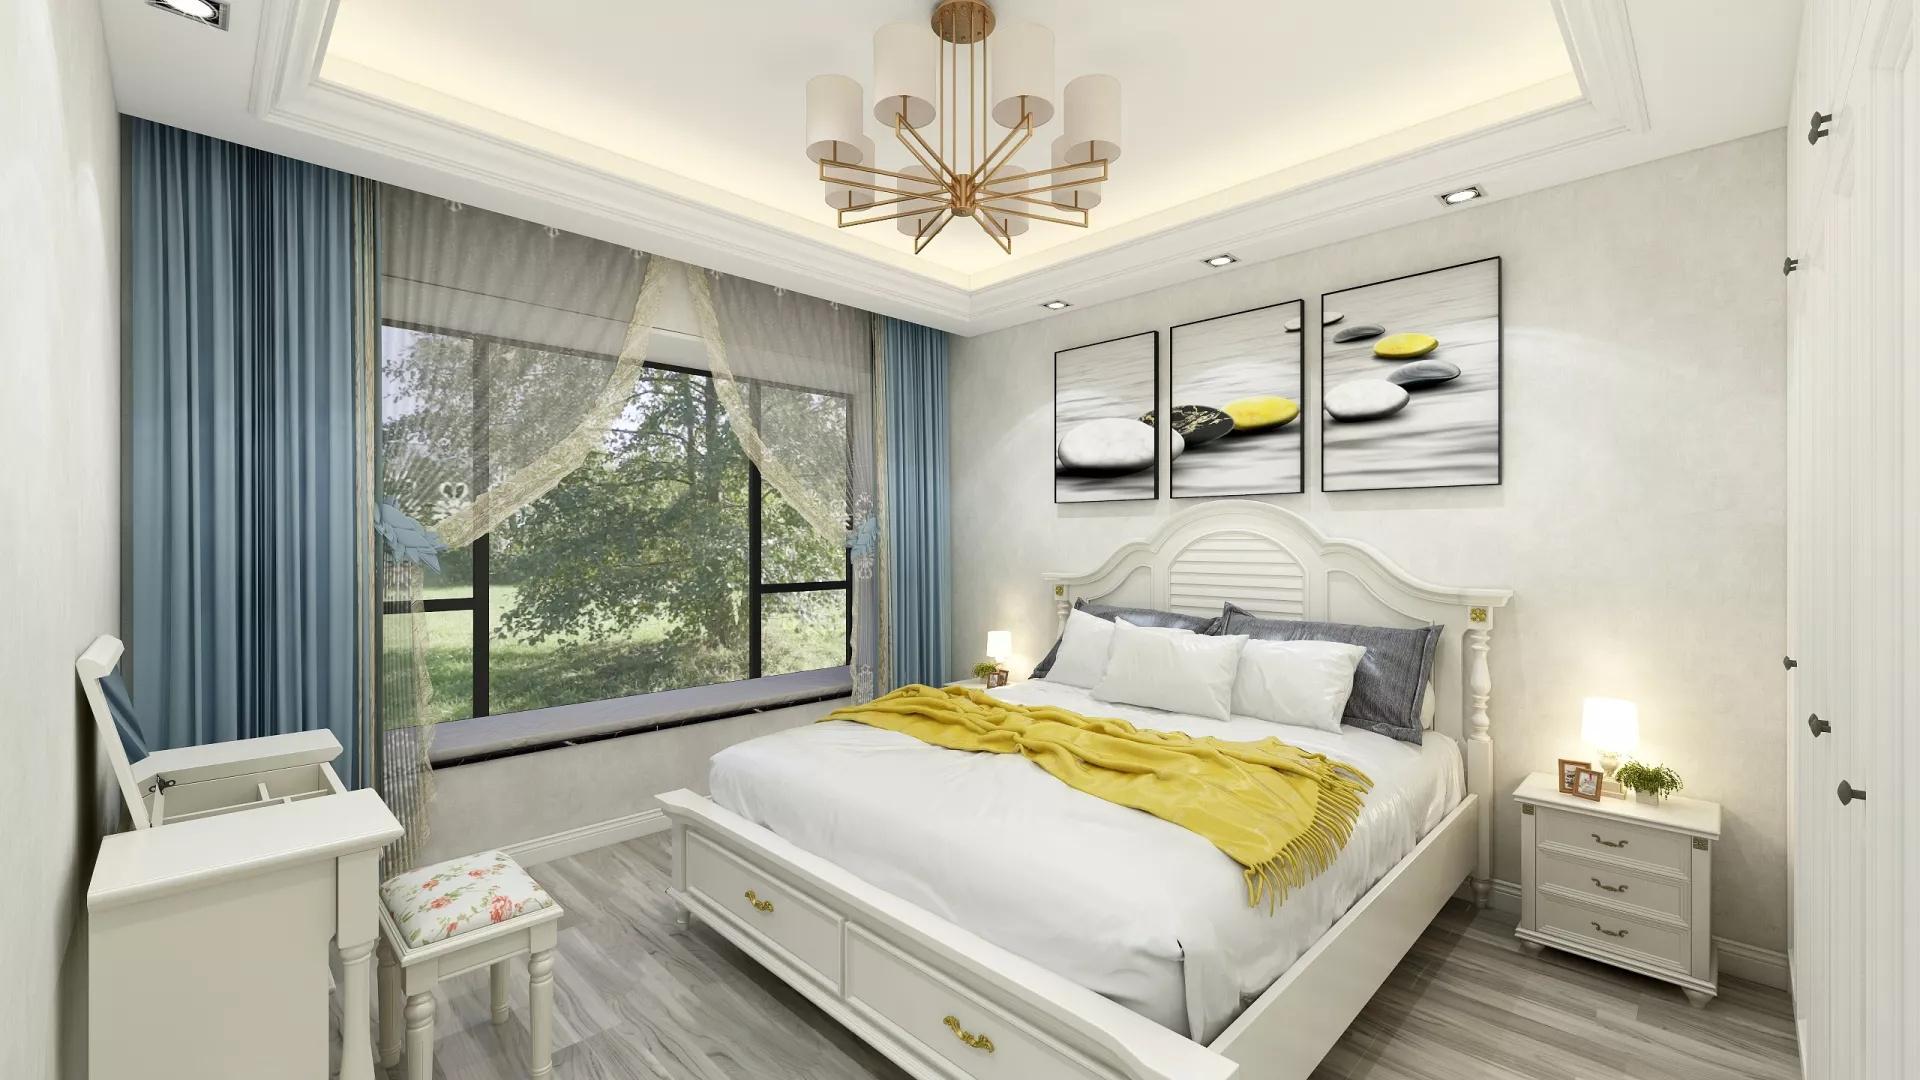 卧室装修过程中需要注意什么?开关插座很重要!